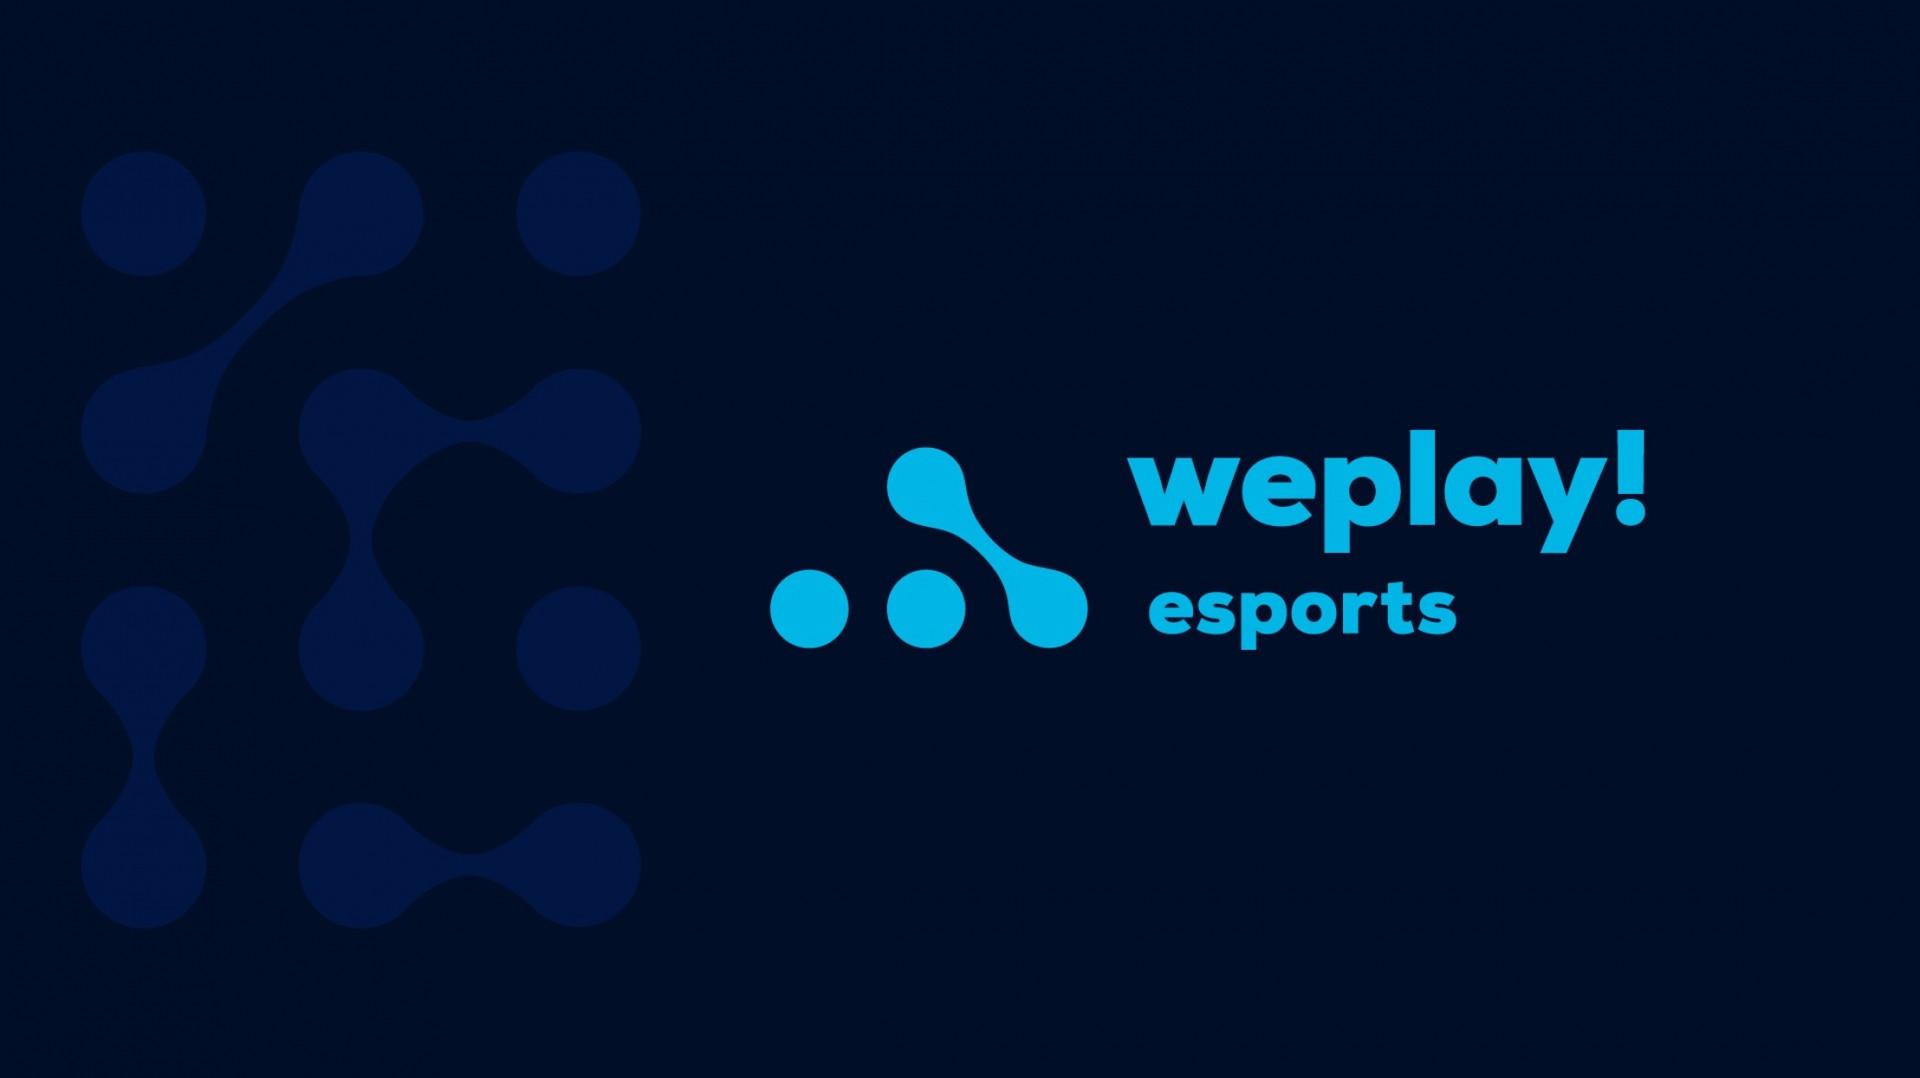 WePlay опубликовал правила освещения WePlay AniMajor для комьюнитистримеров